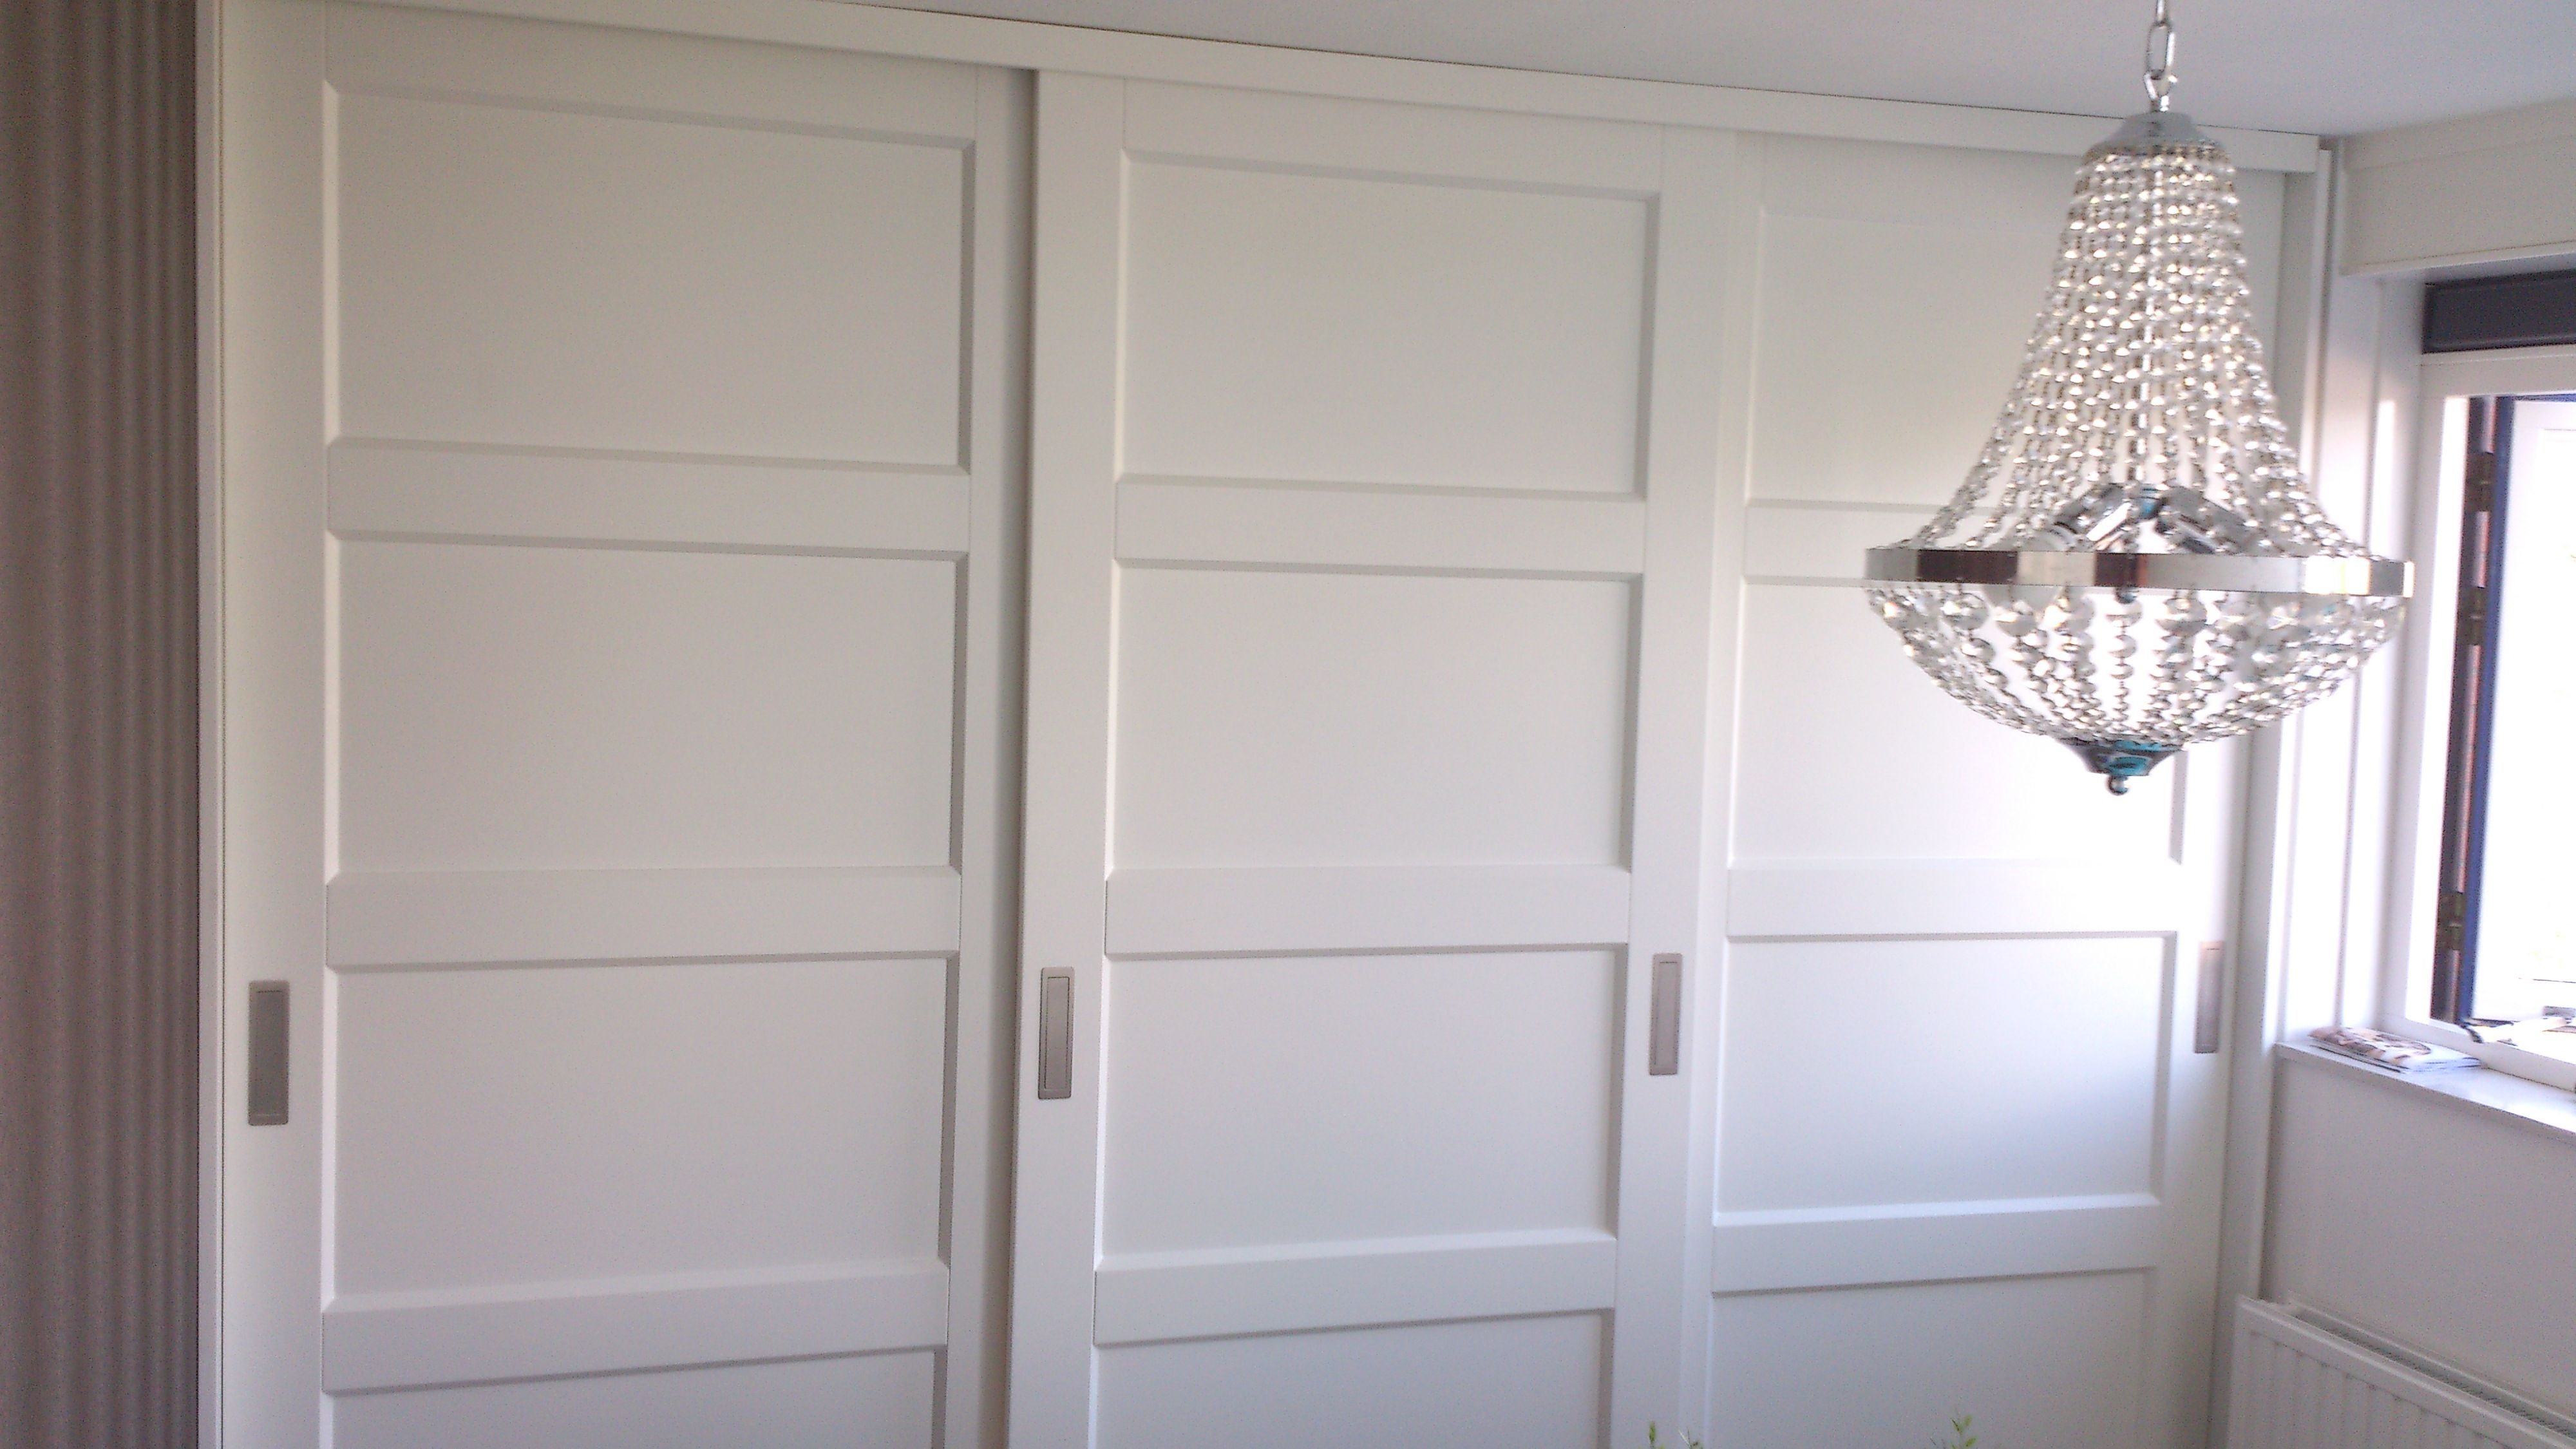 inbouwkast schuifdeuren  Slaapkamer  Closet doors